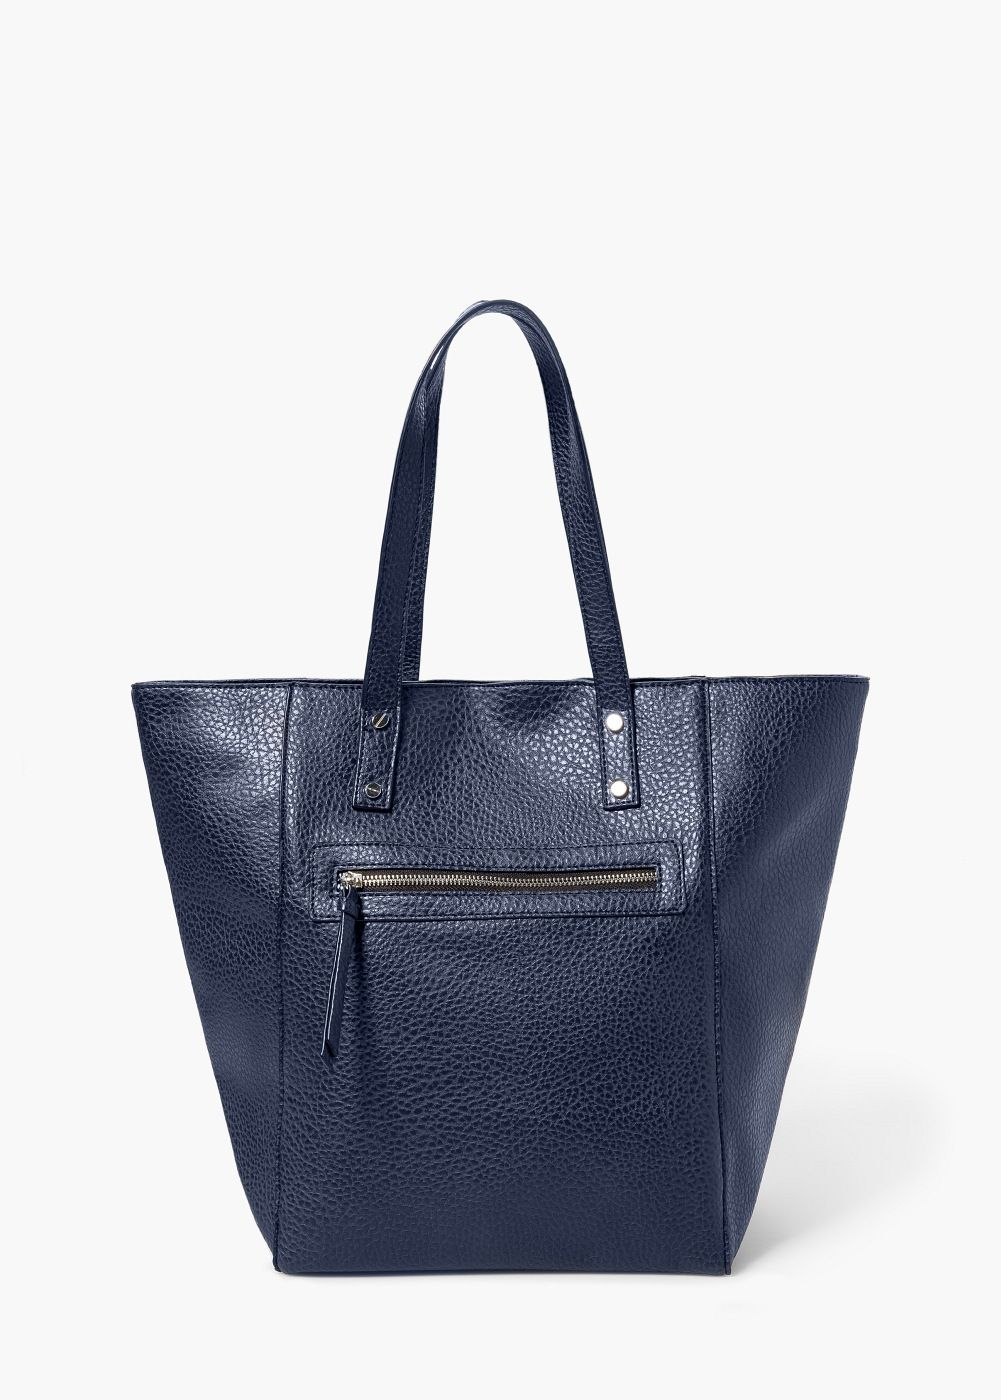 Shopper Tasche In Genarbter Optik Taschen Für Damen Mango Shopper Tasche Shopper Taschen